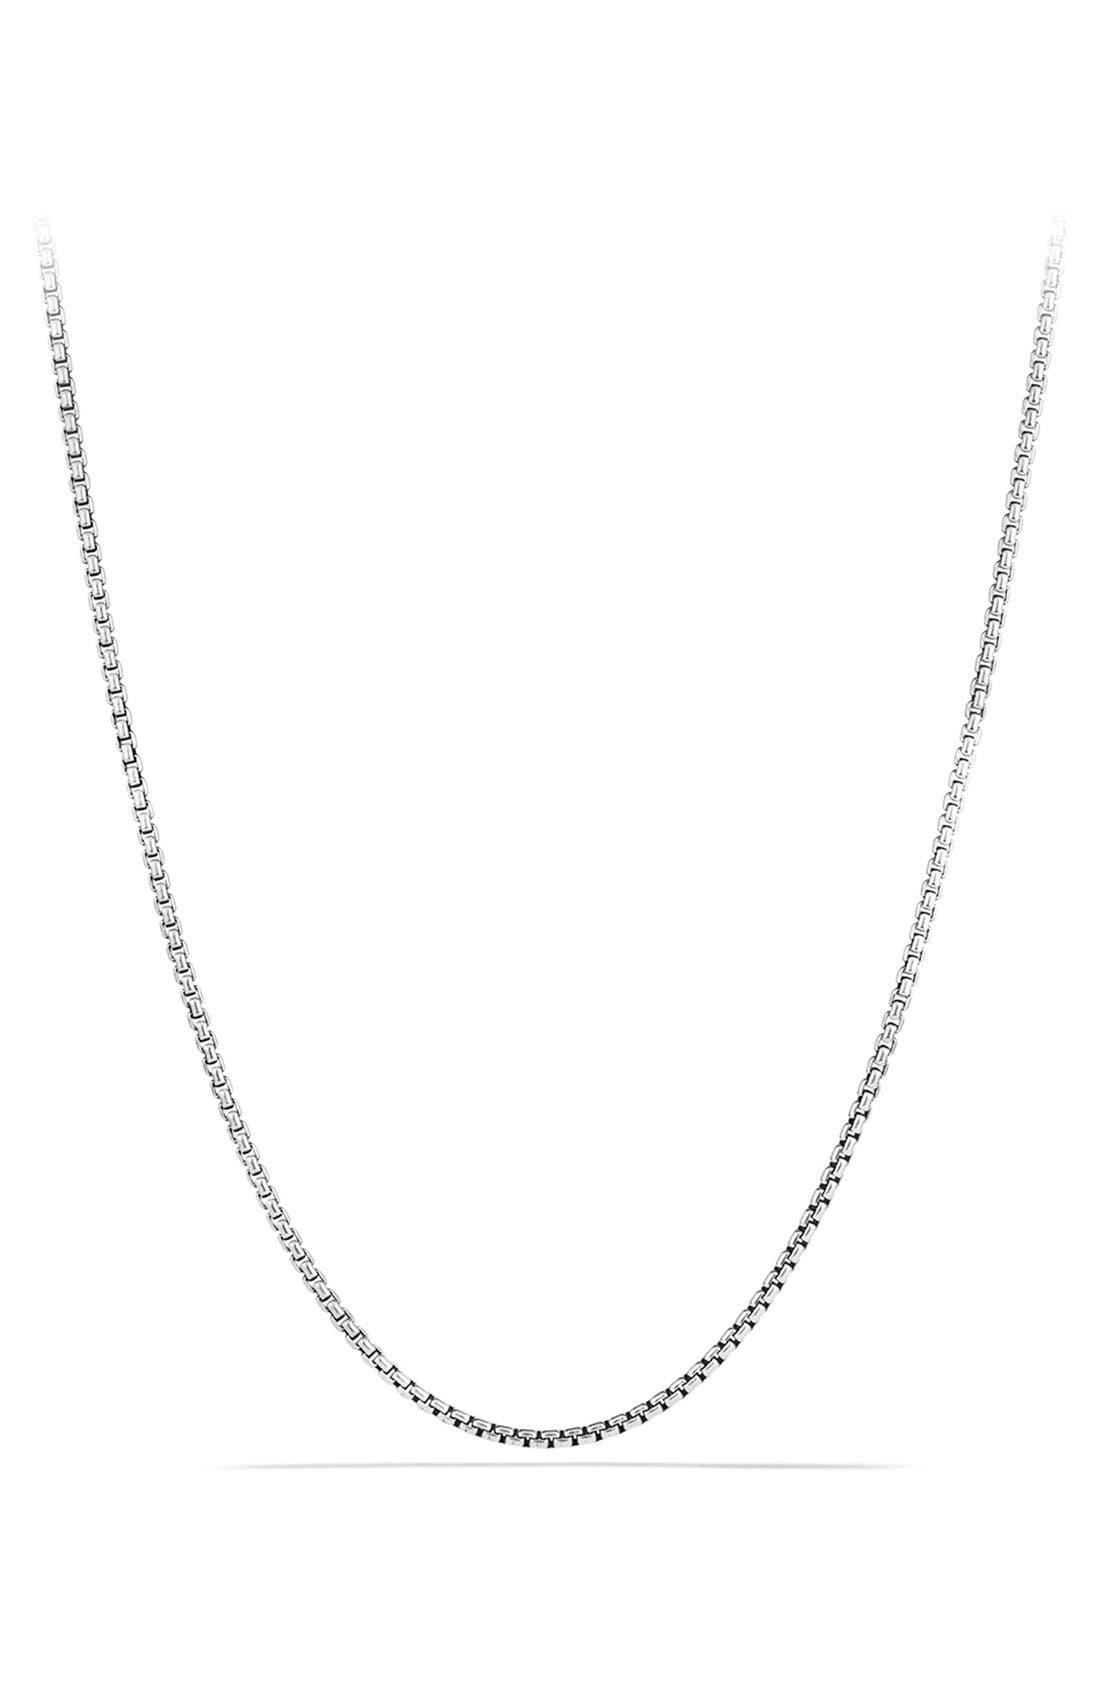 'Chain' Small Box Chain Necklace,                         Main,                         color, SILVER